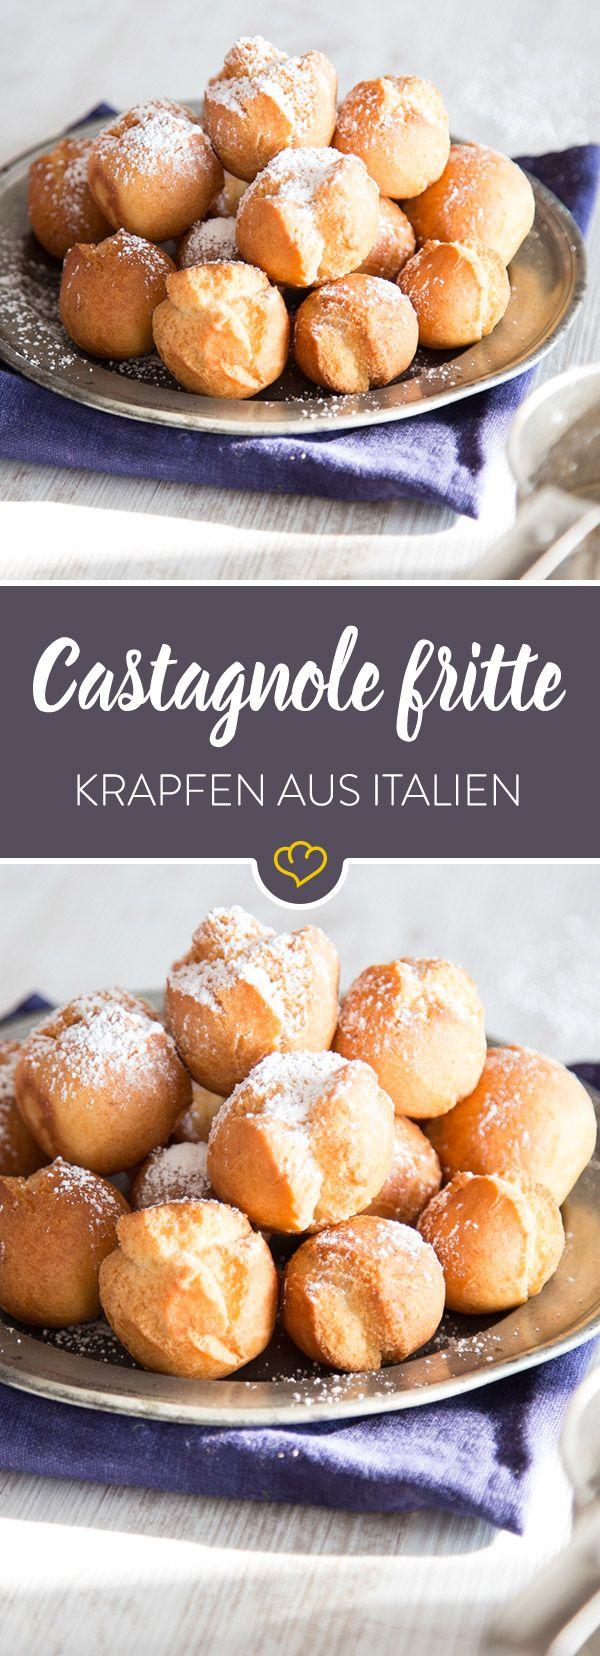 Diese kleinen frittierten Krapfen sind ein Muss an Karneval in Italien. Kein Wunder, die sind so lecker, dass sie für eine extra Portion gute Laune sorgen.